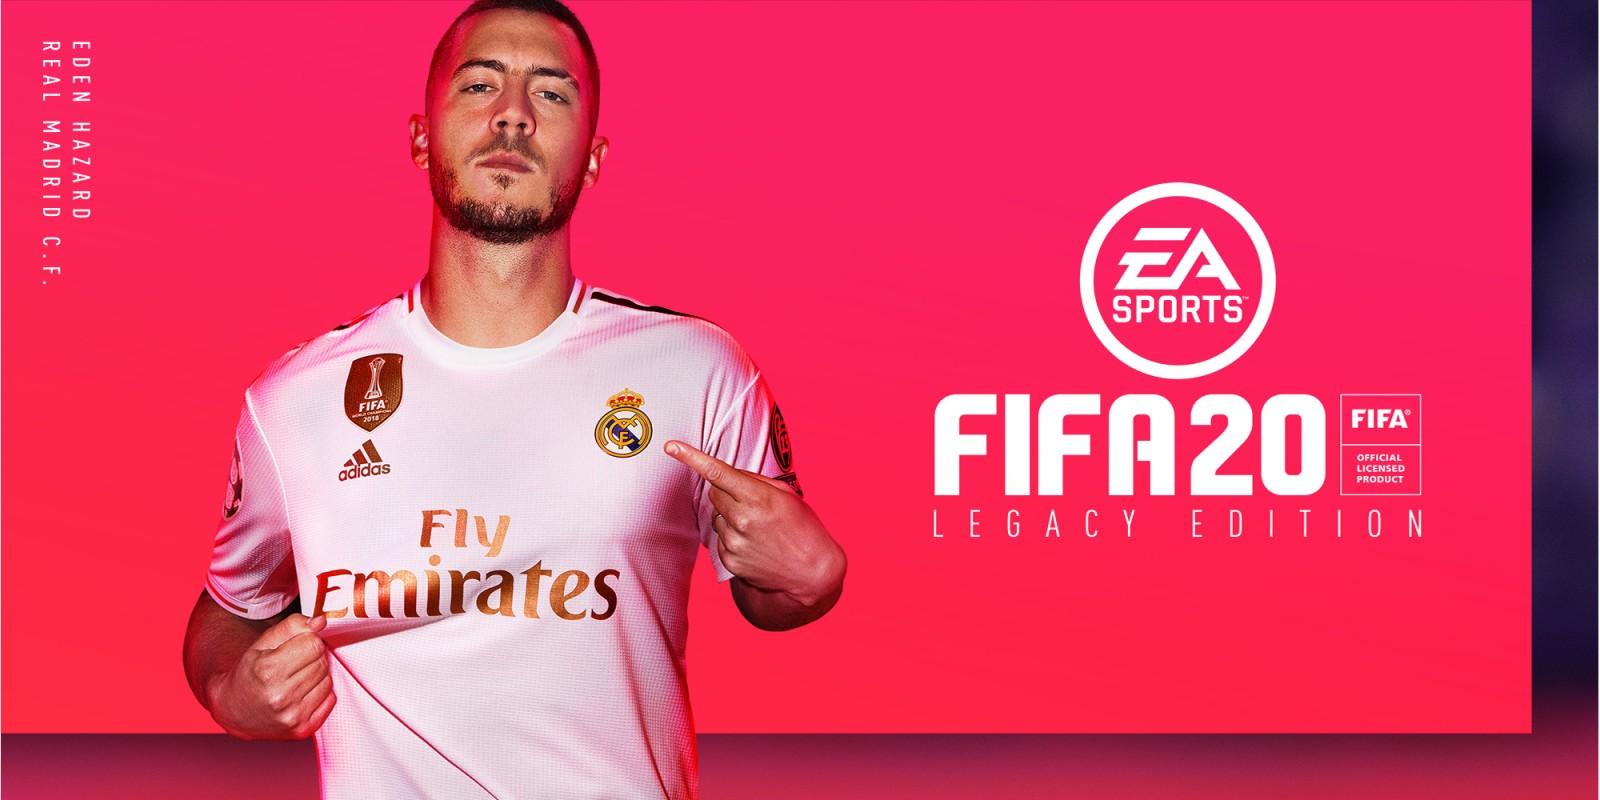 Азар на обложке FIFA 20